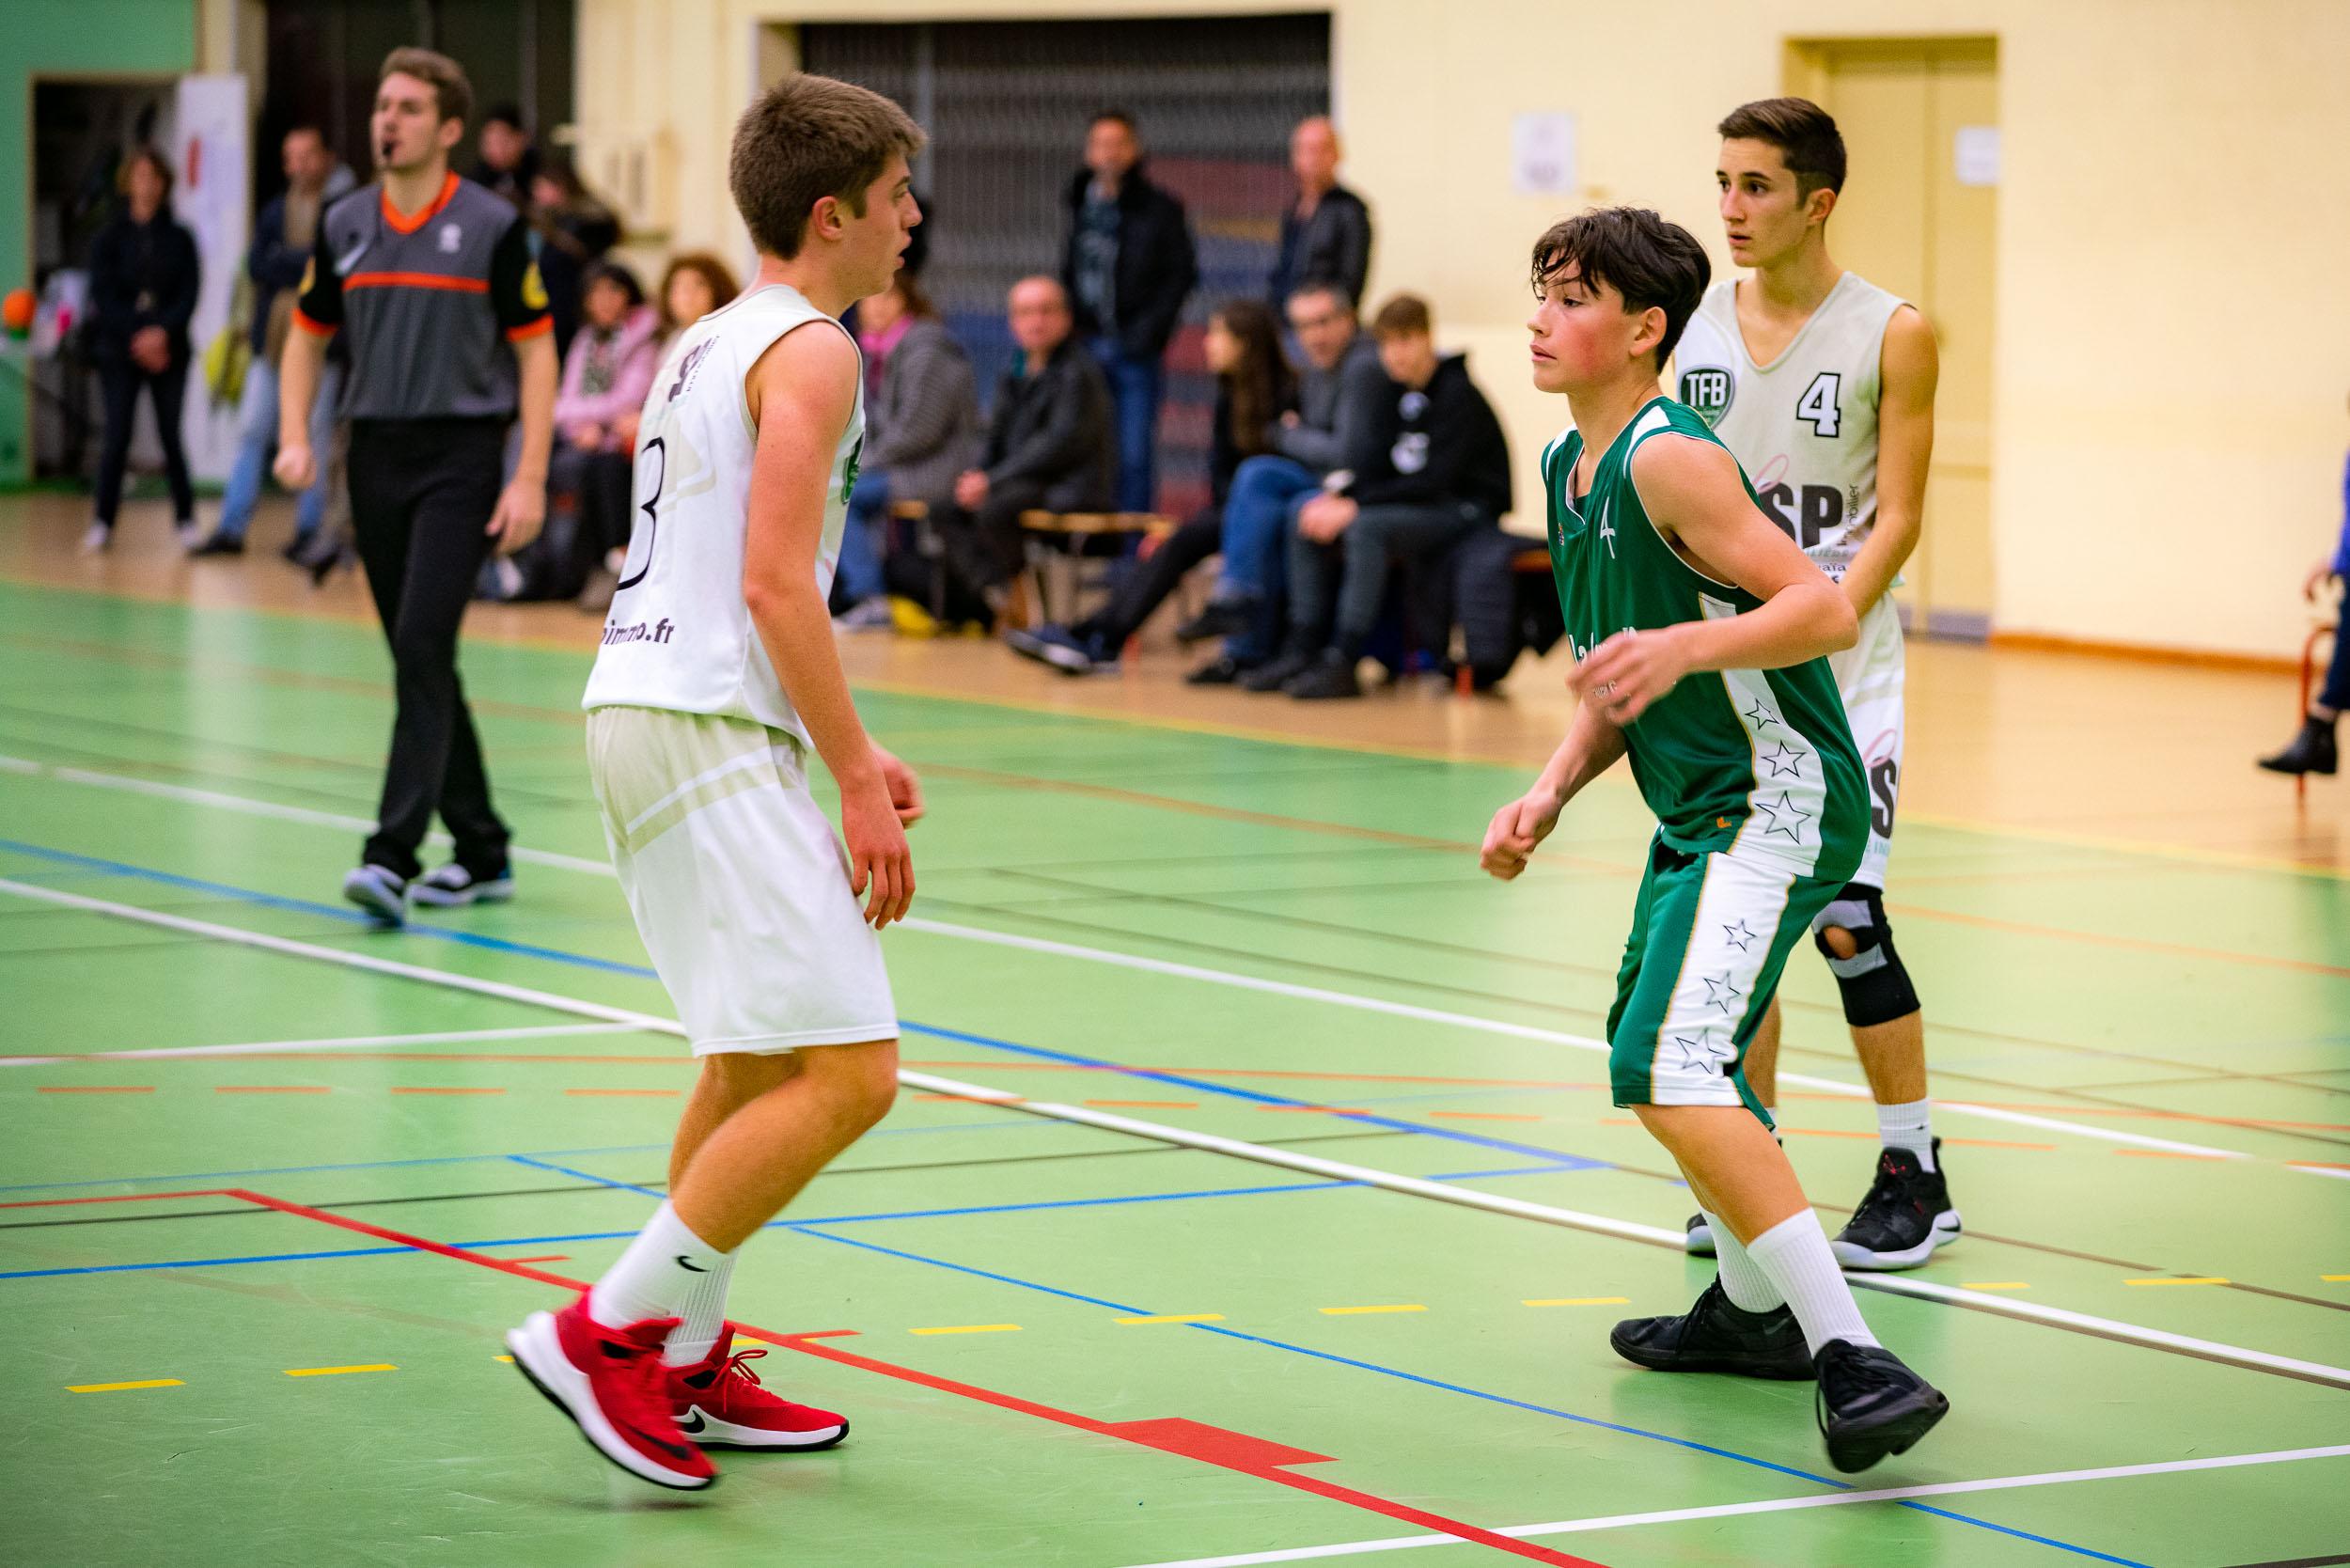 Match de basket couvert par un photographe d'événements